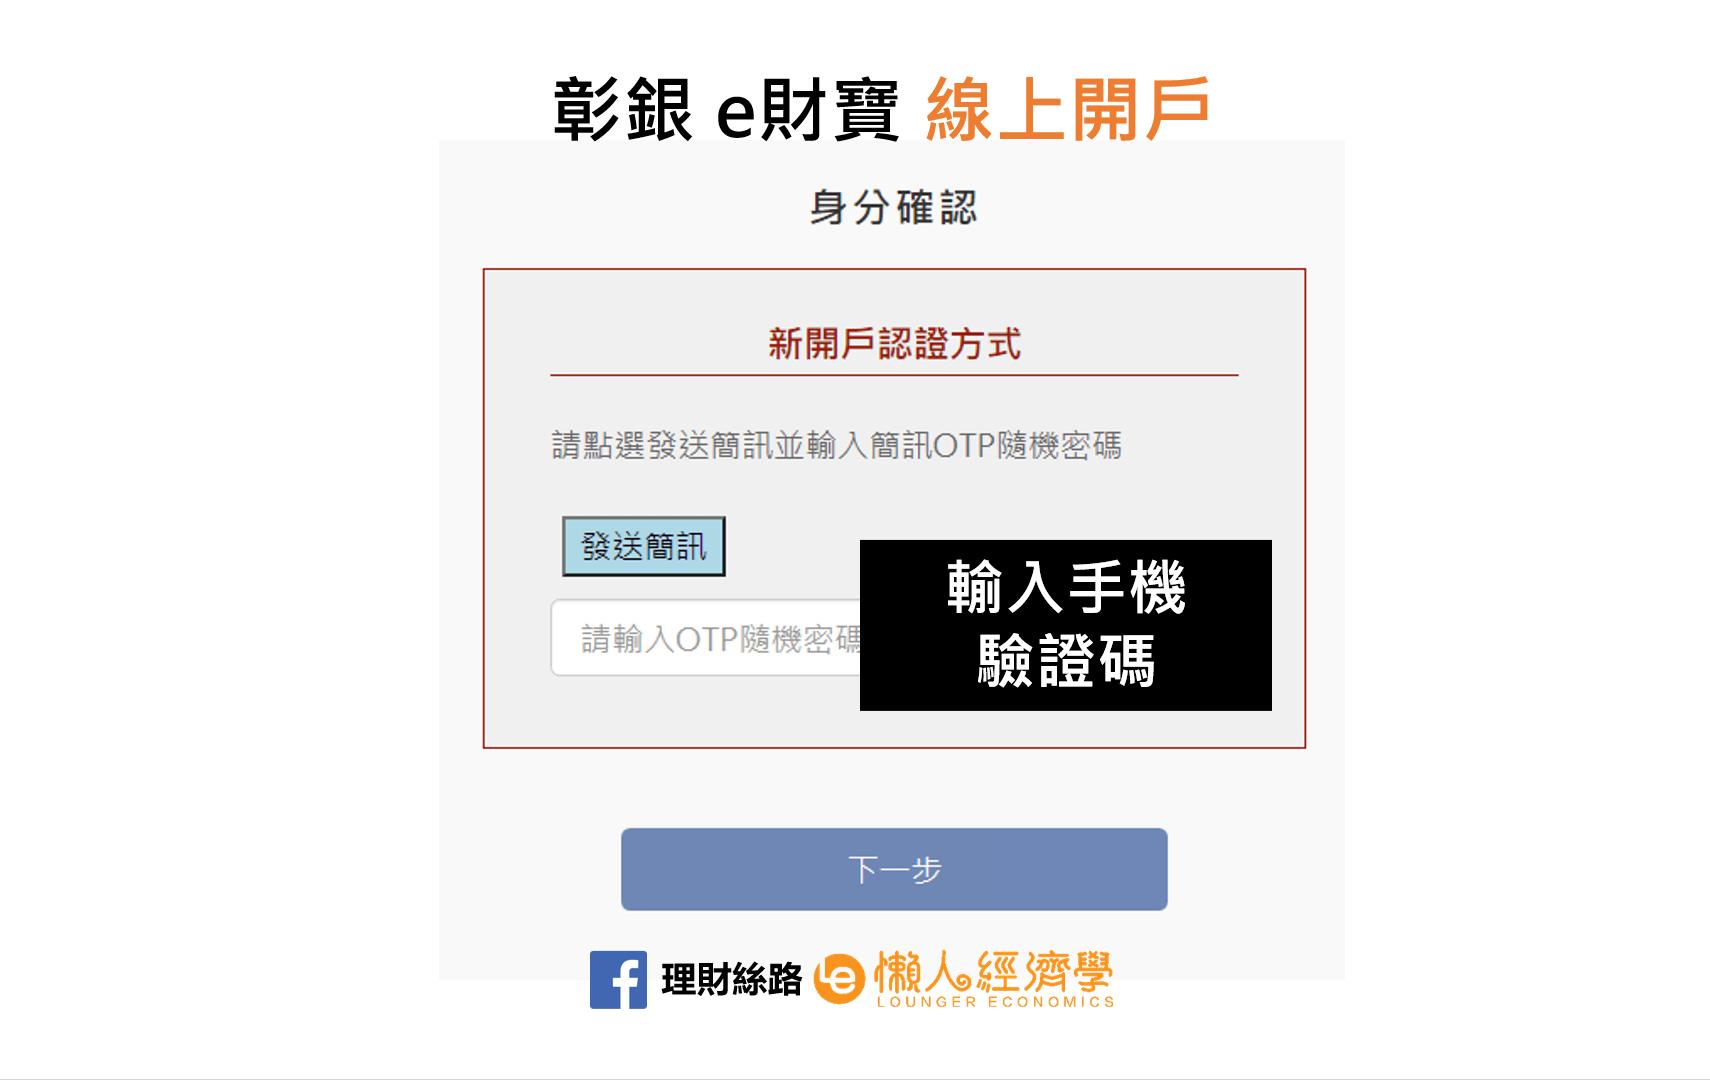 彰銀數位帳戶開戶教學-5